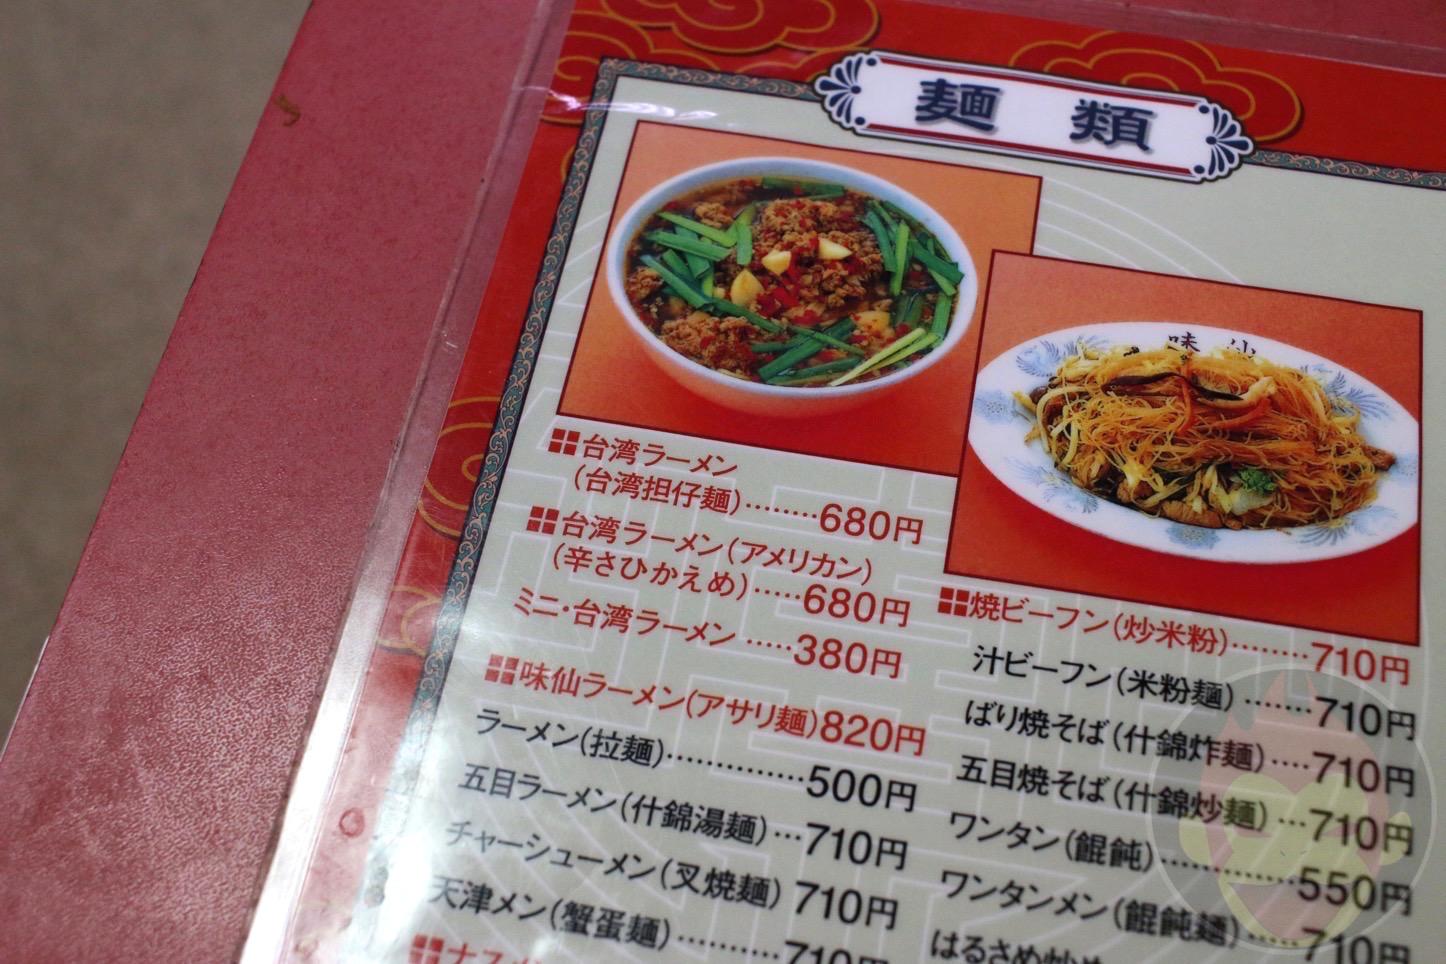 名古屋ラーメンこと「味仙」の「台湾ラーメン」